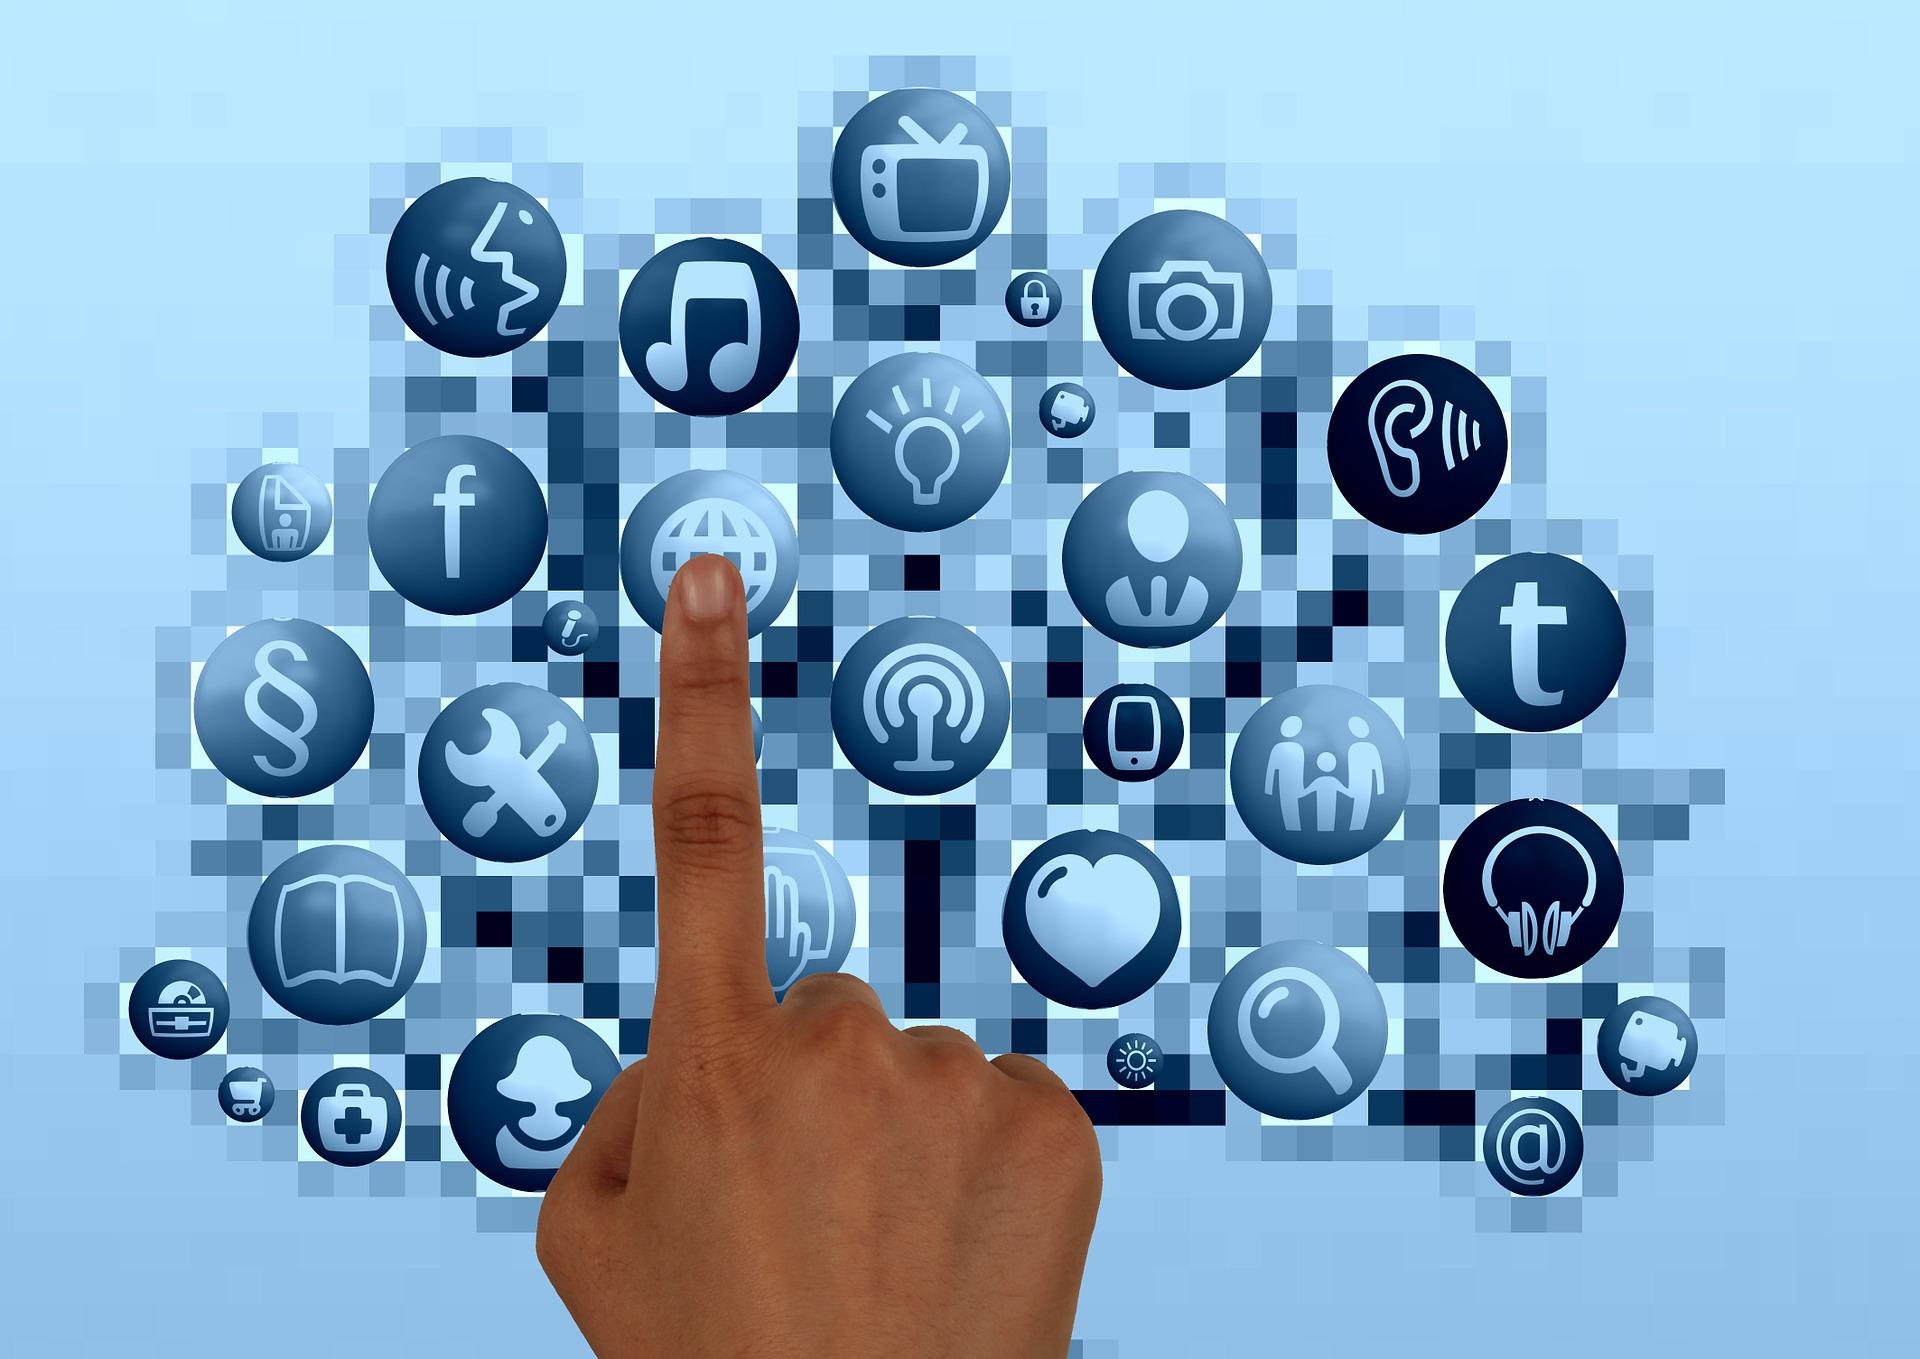 5 אפליקציות שכל בעל עסק צריך להתקין